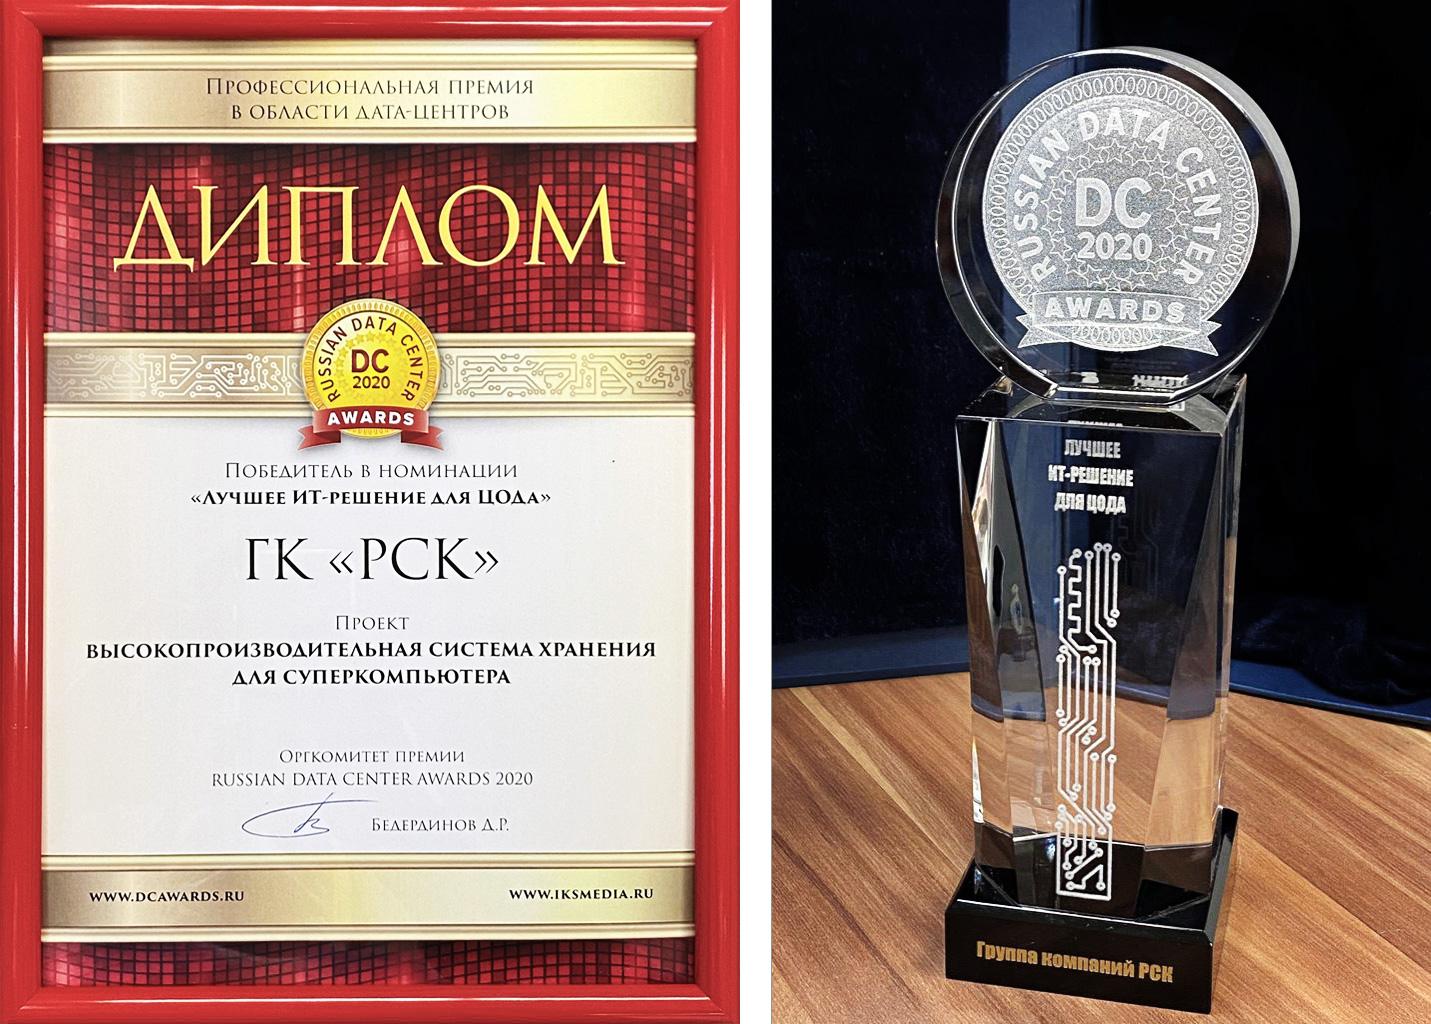 DC Awards 2020 за «Лучшее ИТ-решение для ЦОДа»